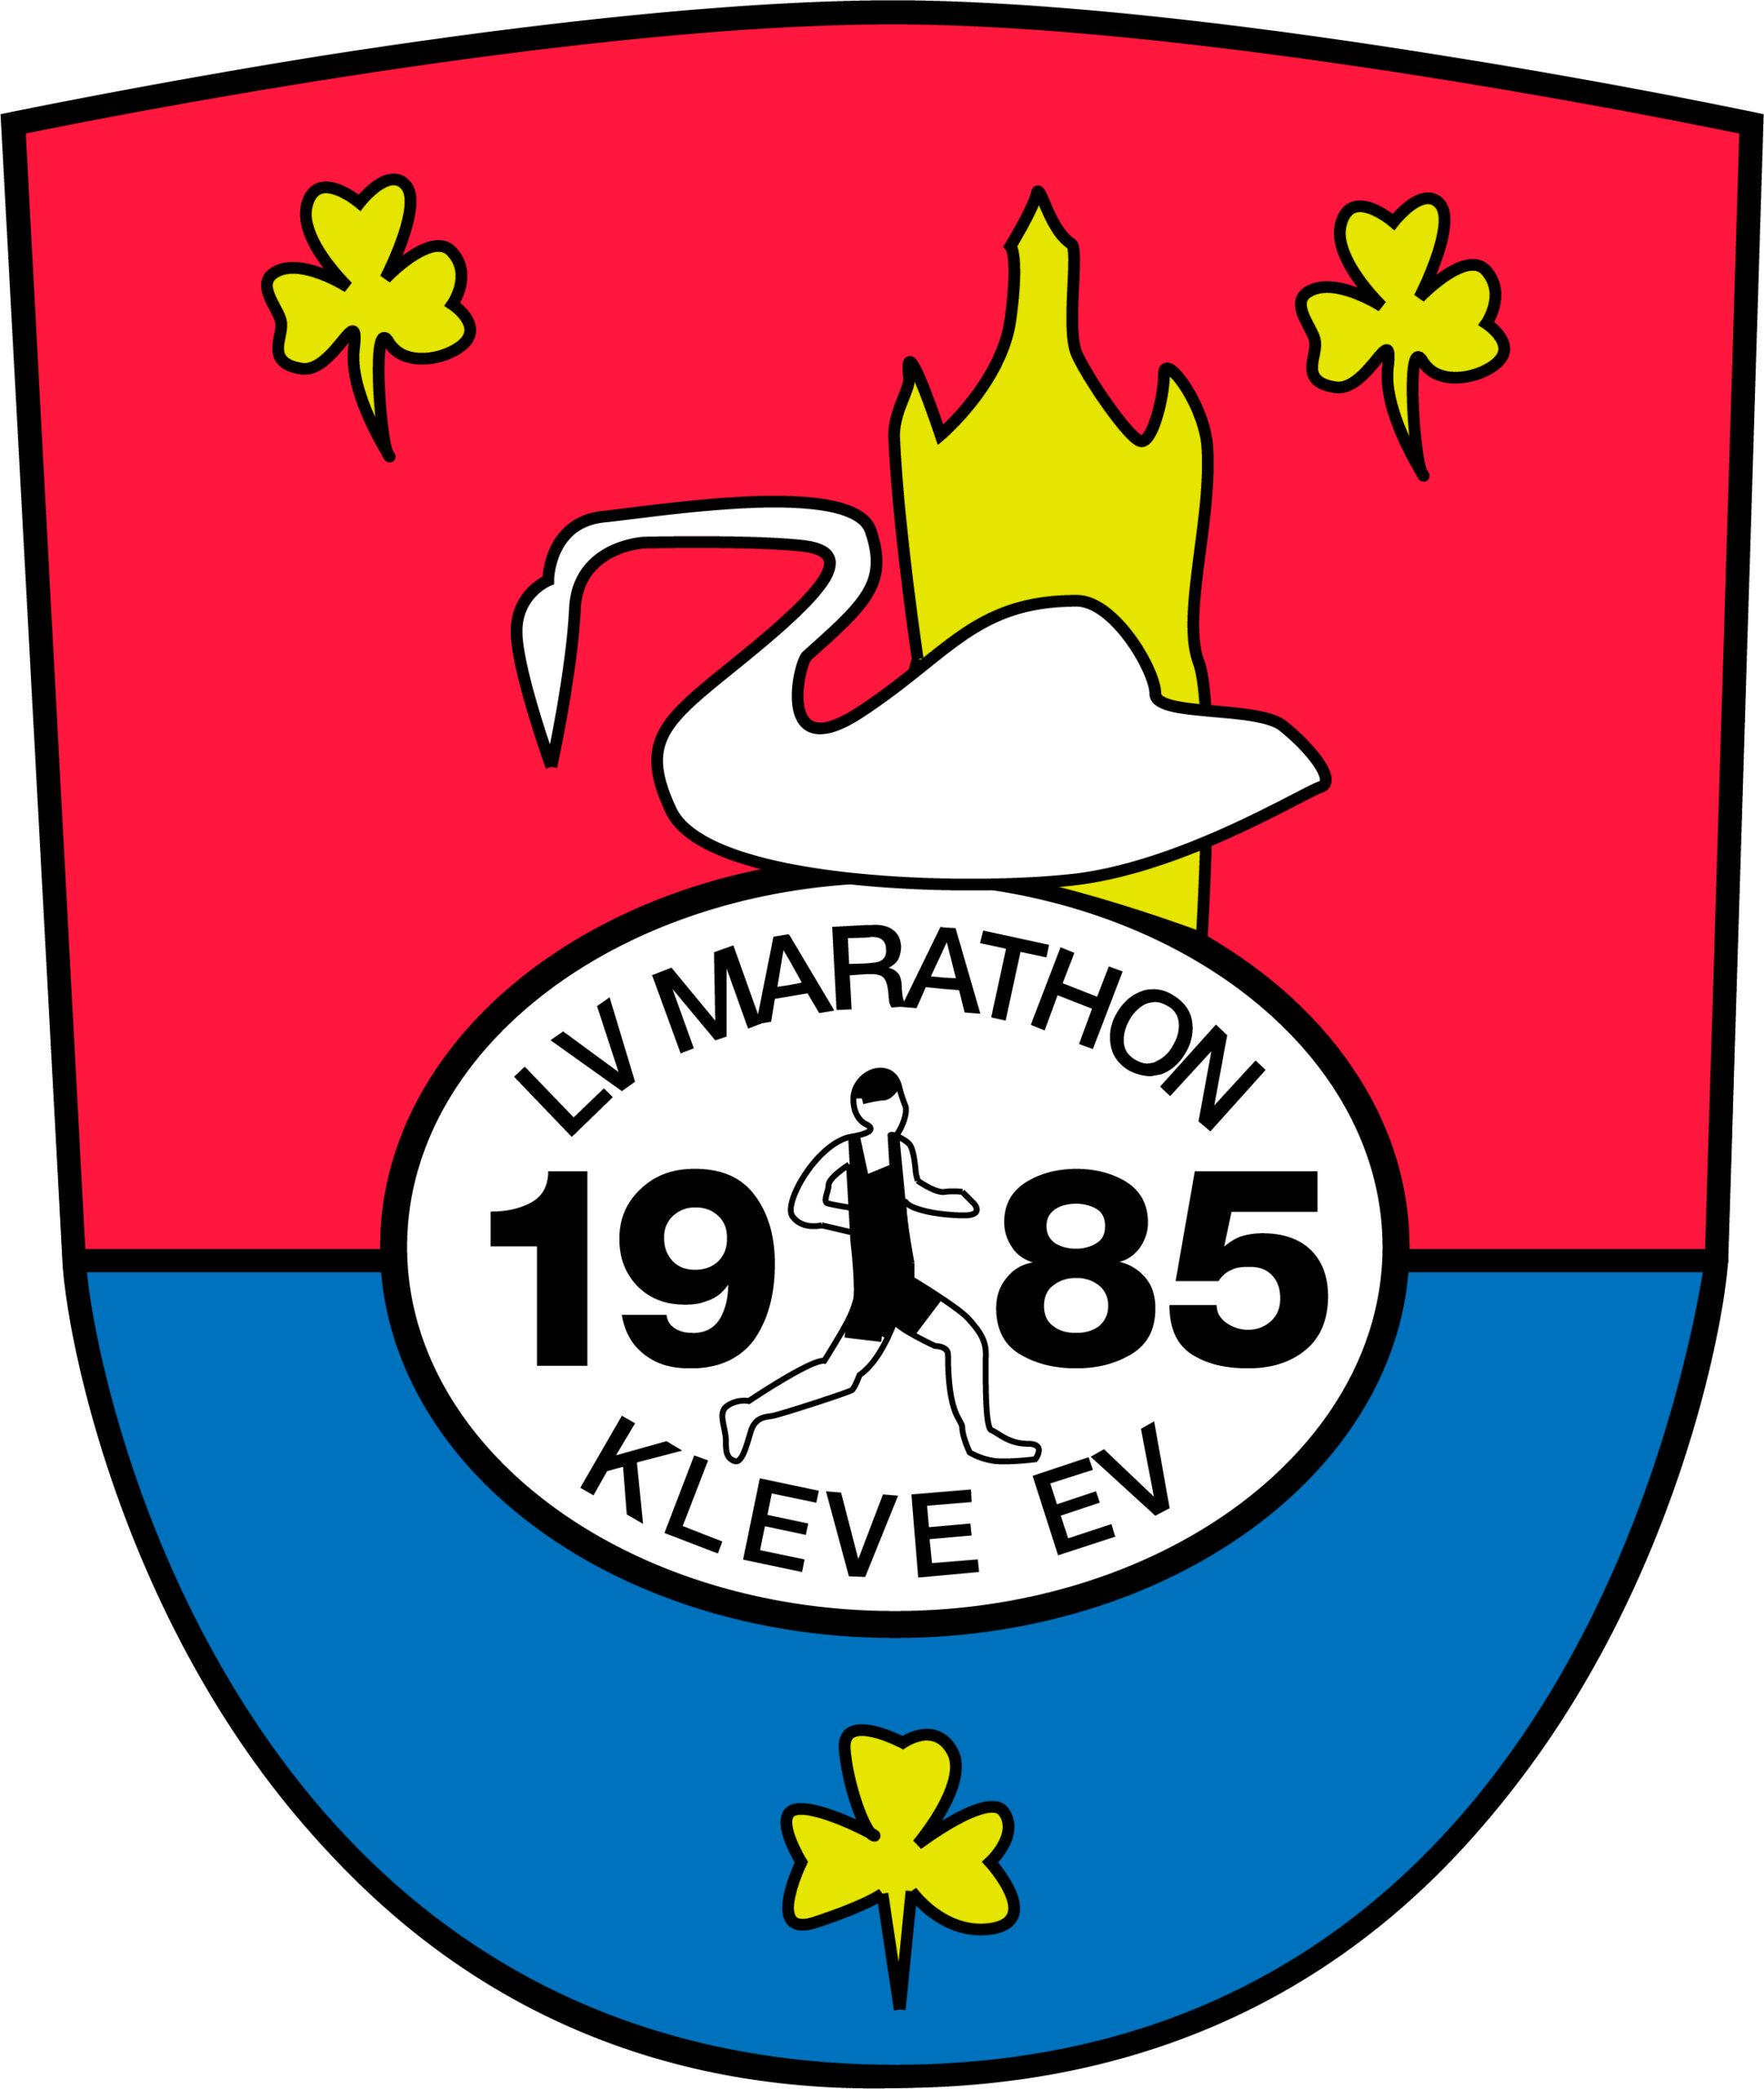 LV Marathon Kleve e.V.